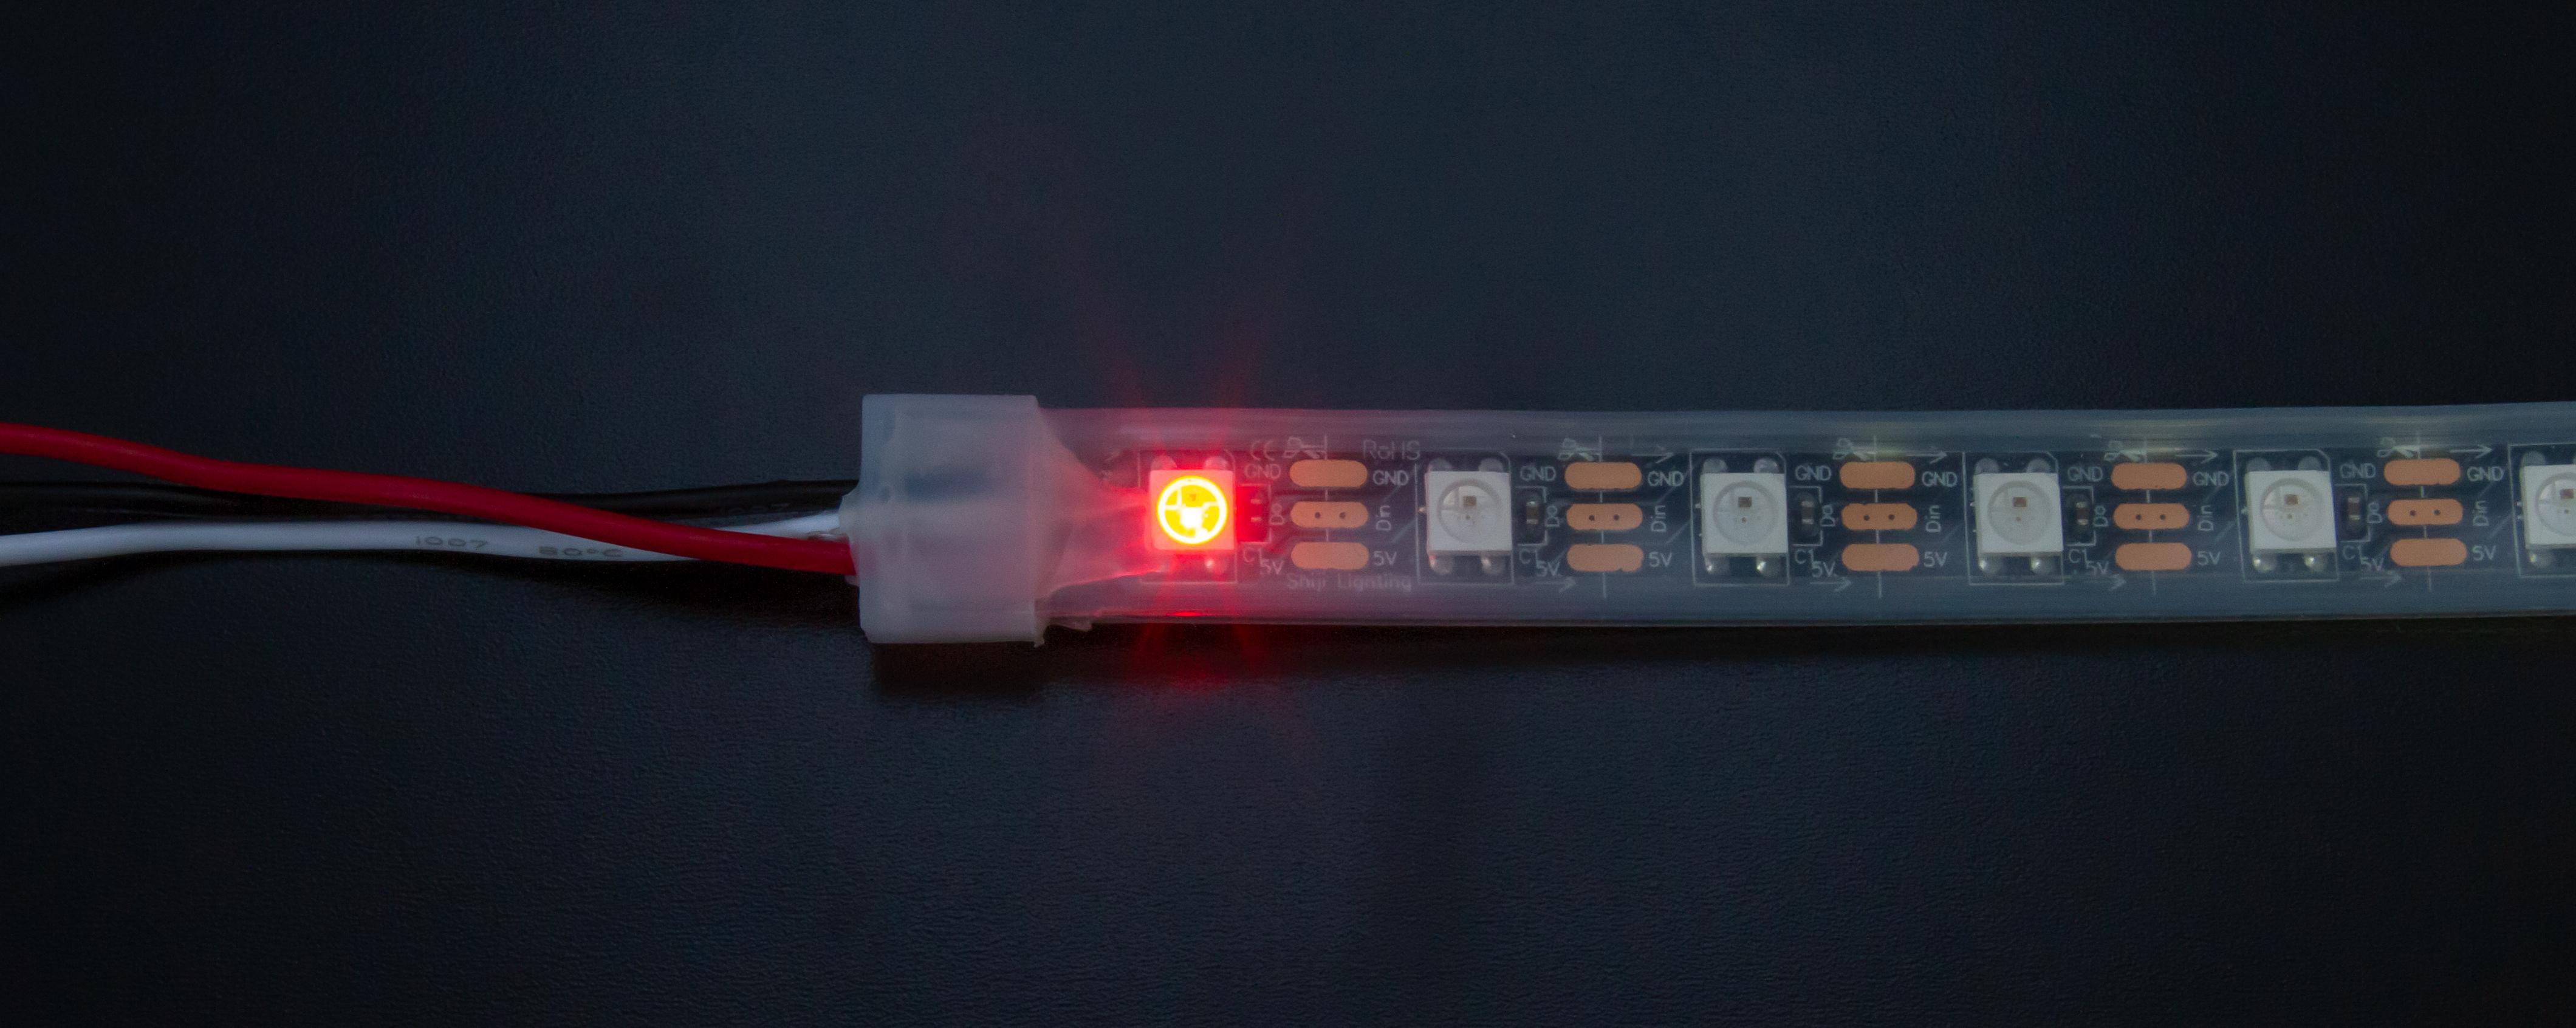 led_strips_NeoPixel_Single_LED_Red.jpg